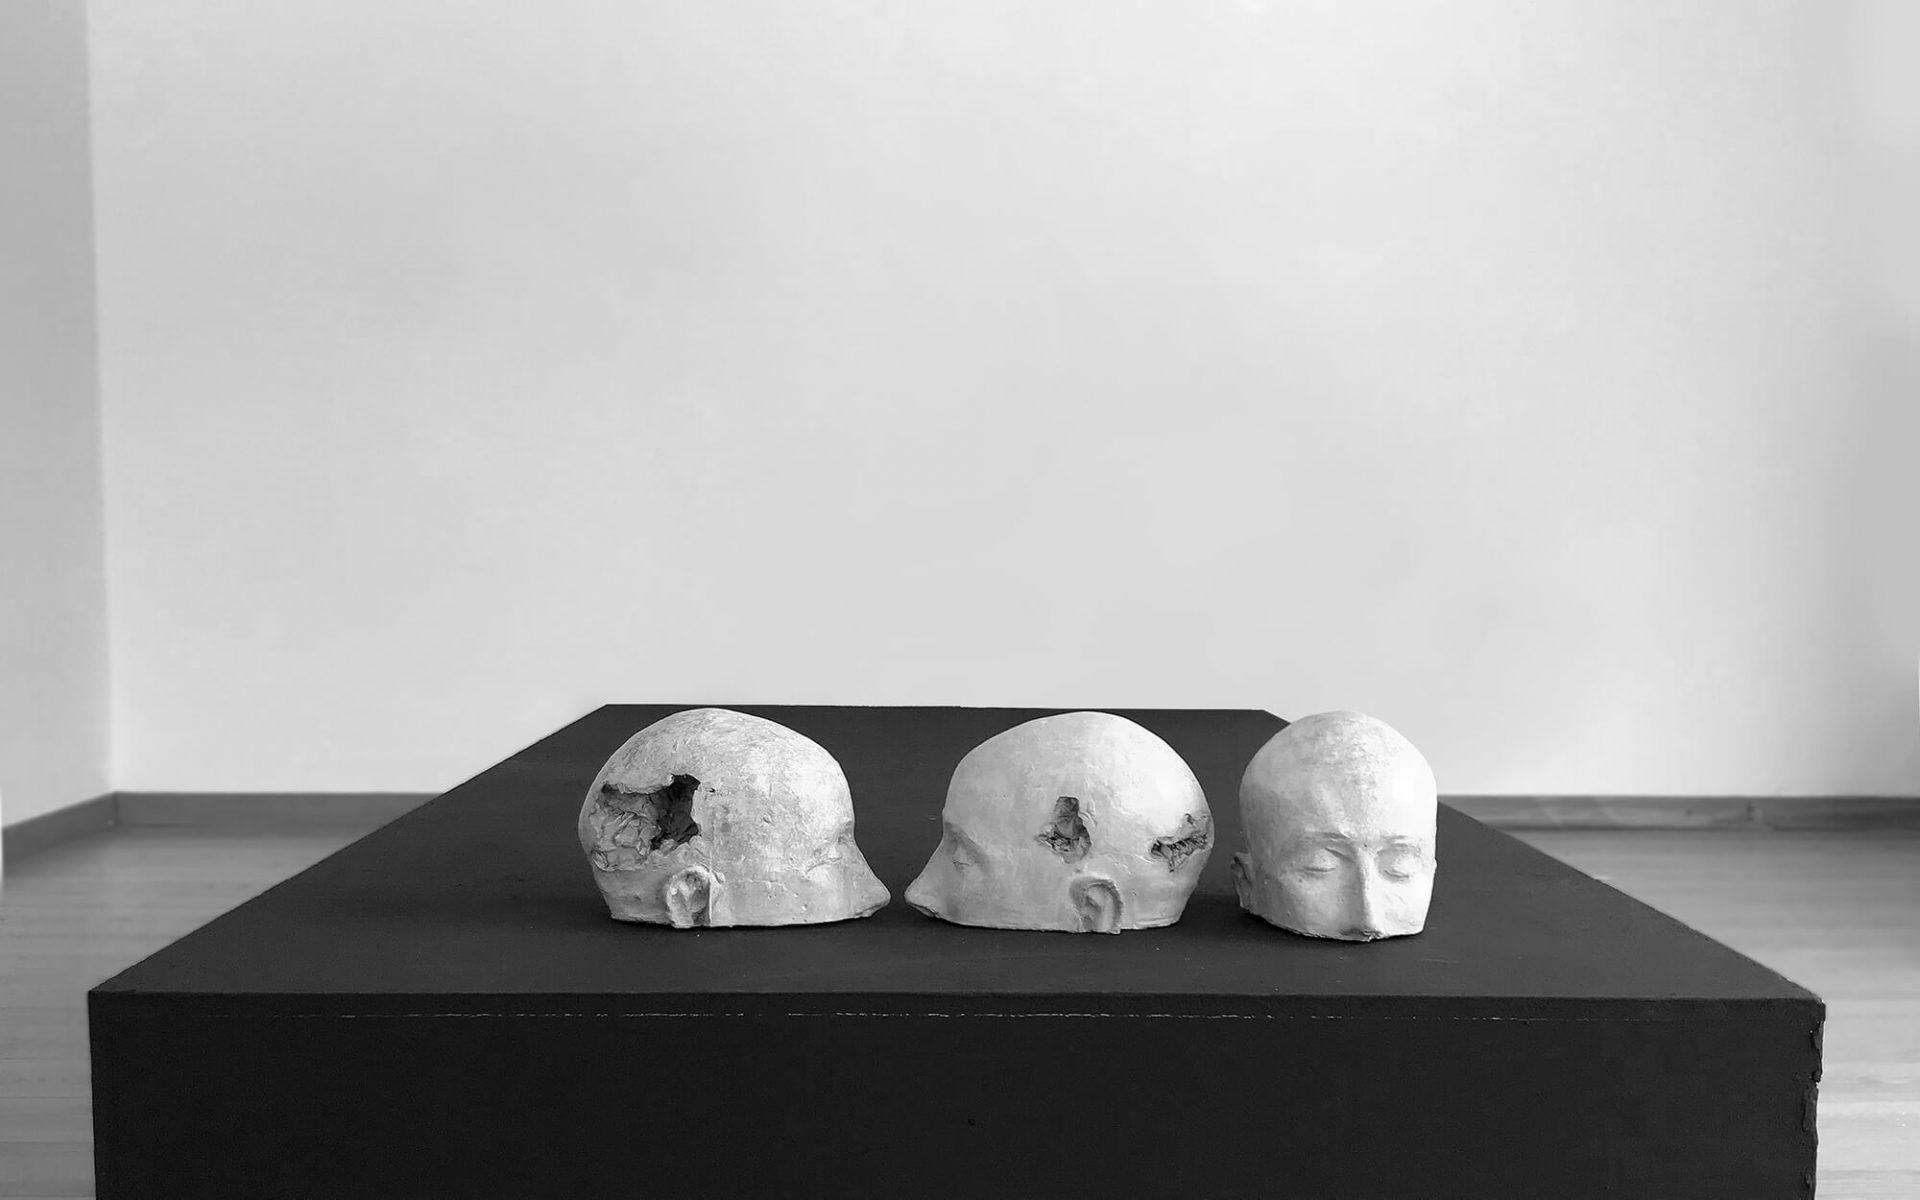 dettaglio mostra arte laura marcolini scultrice di trento. Galleria Craffonara riva del garda.